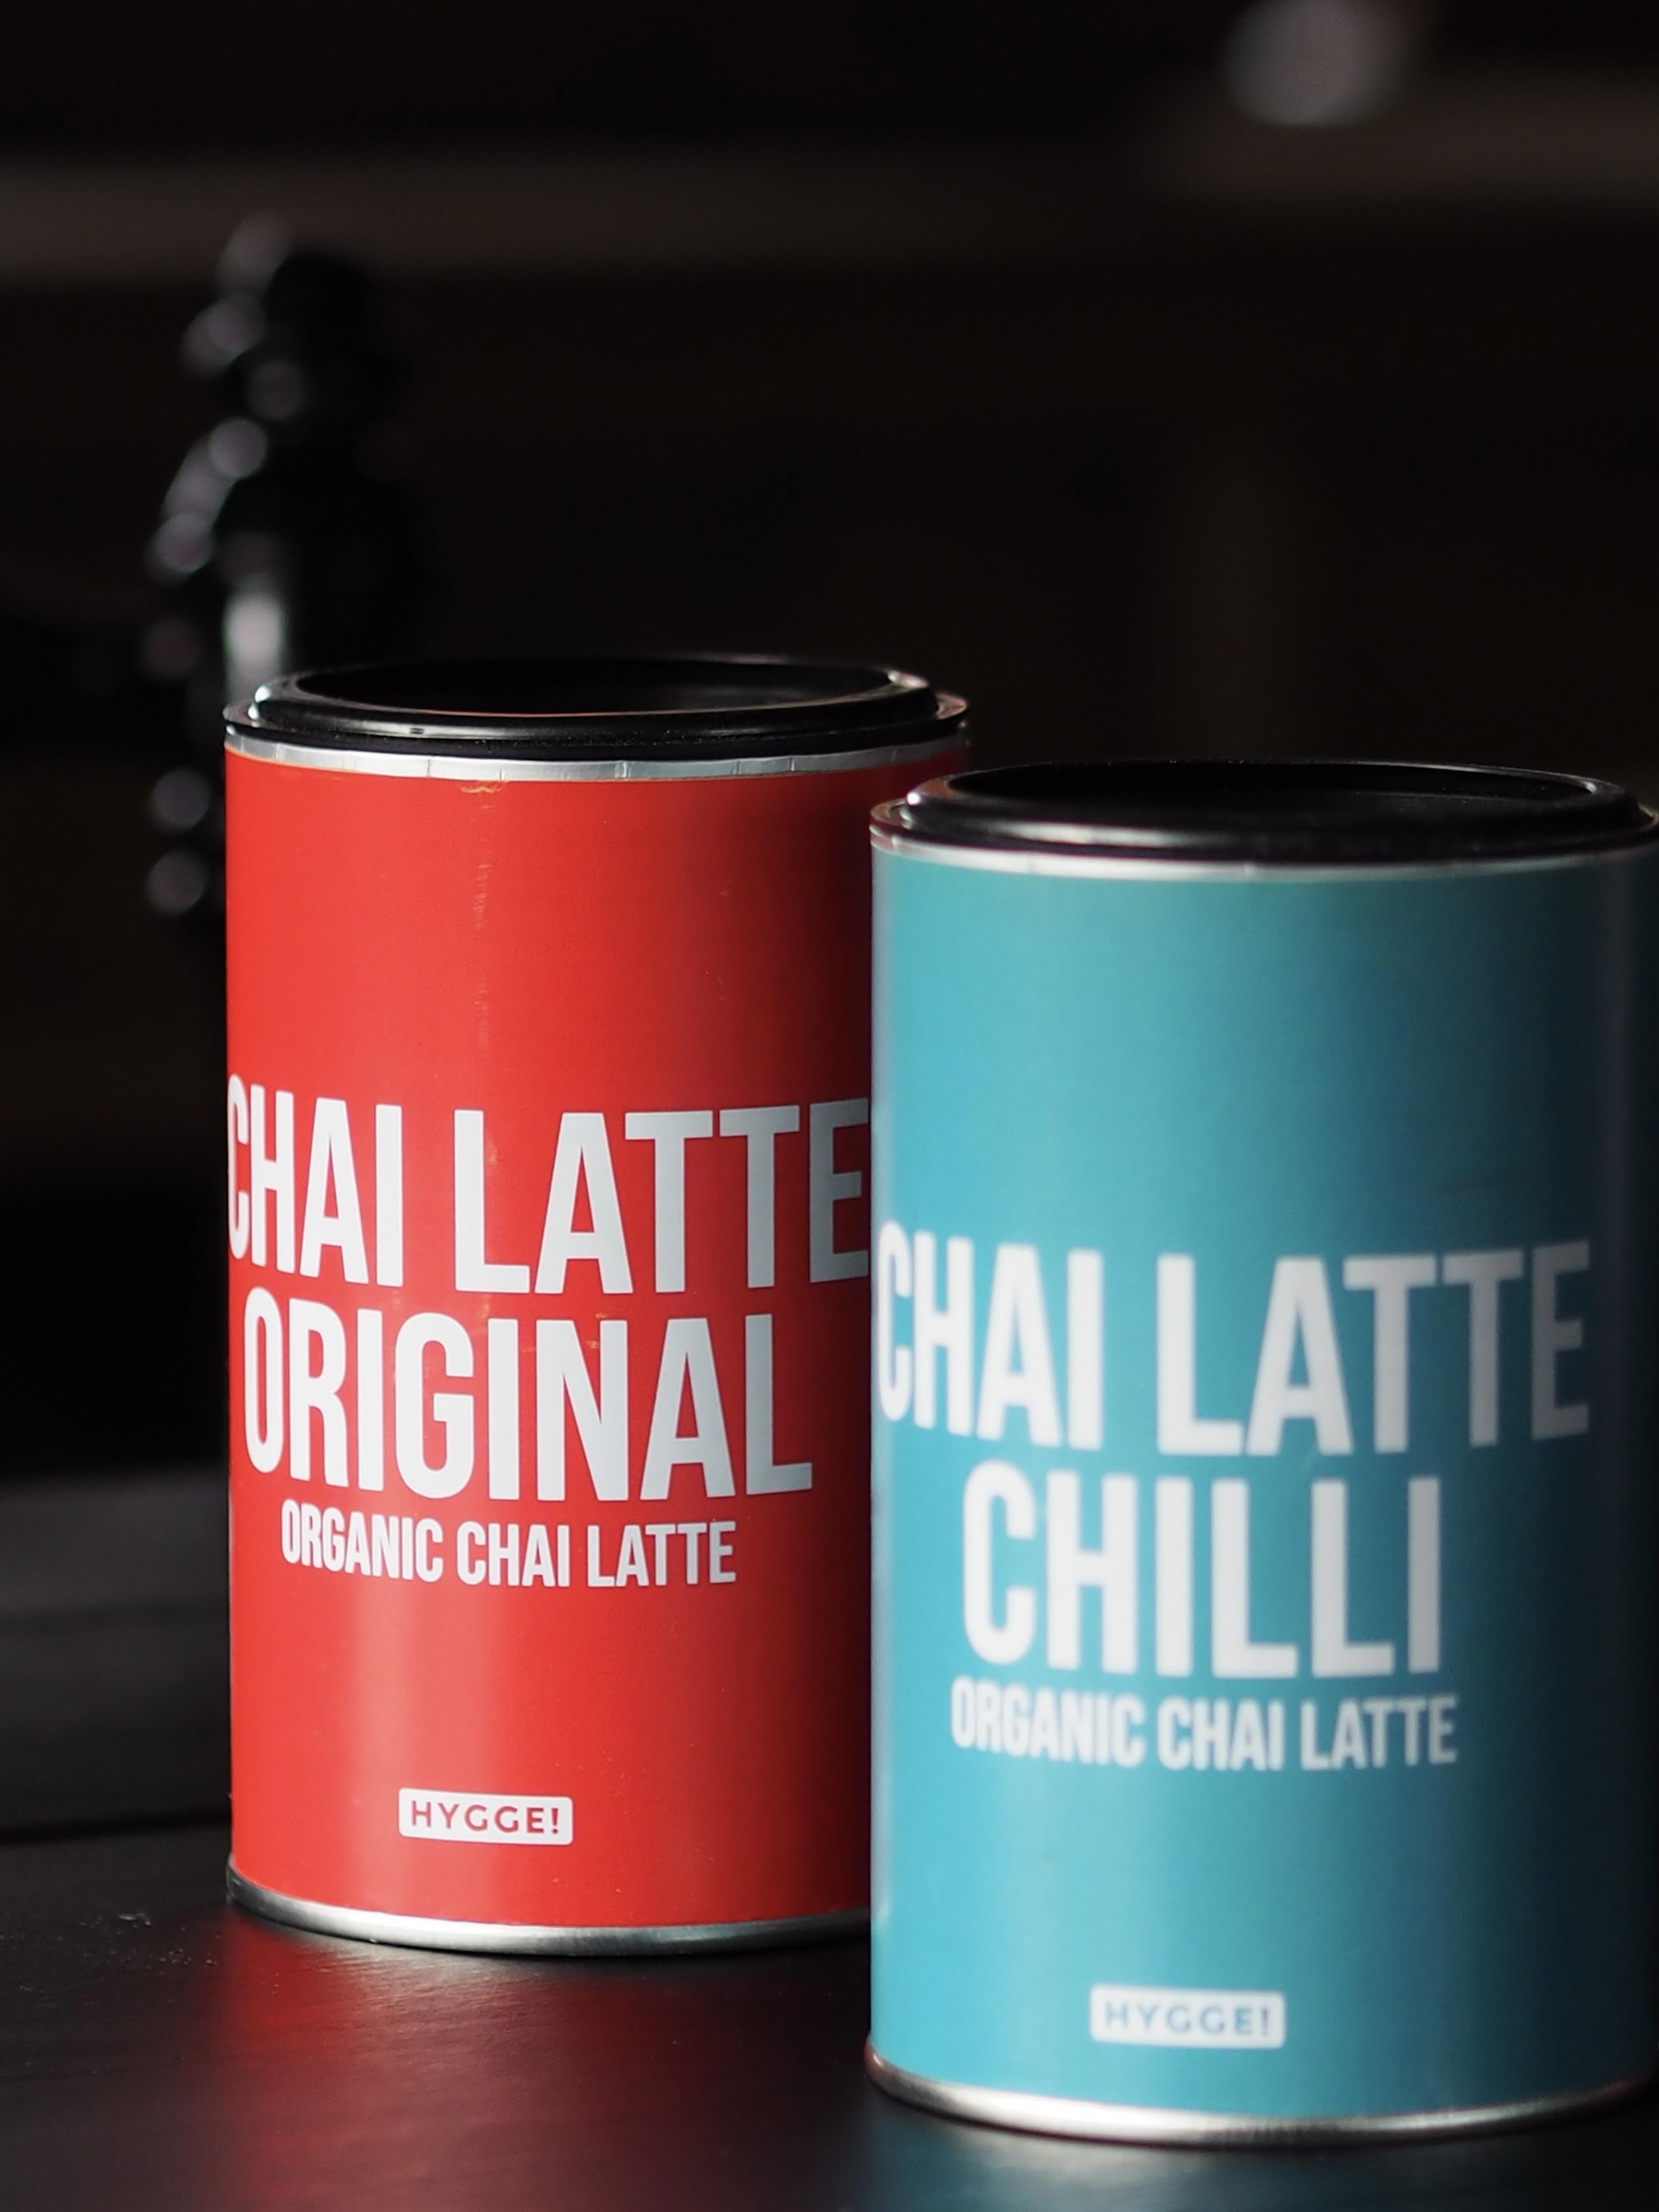 Chai Latte Chilli, HYGGE!